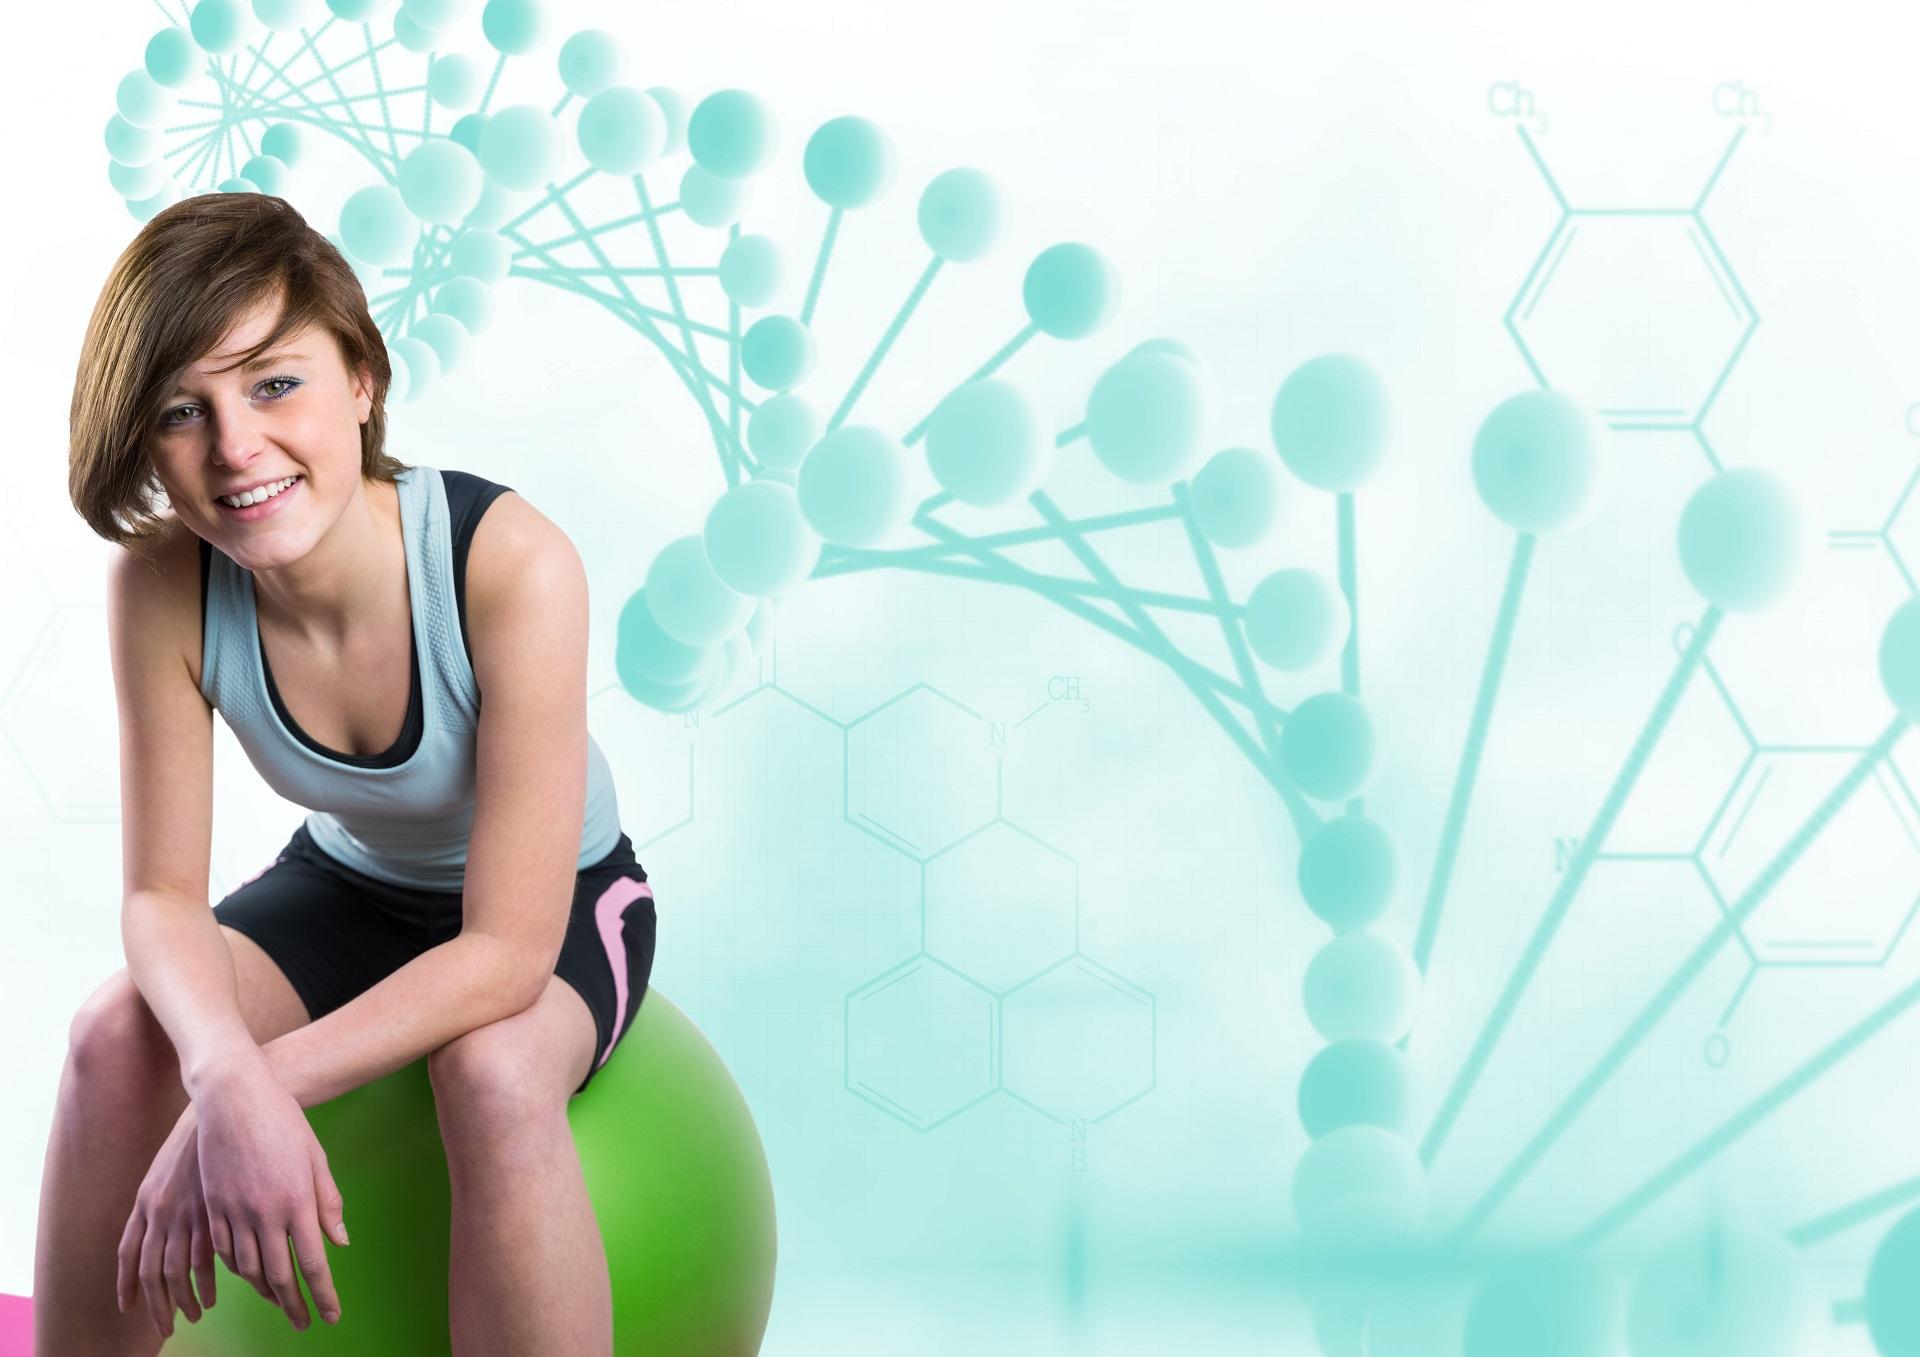 Habilidades físicas aptidão física teste genético avaliação genética de rendimento esportivo alta performance teste de DNA para esportes hiit zumba fitdance